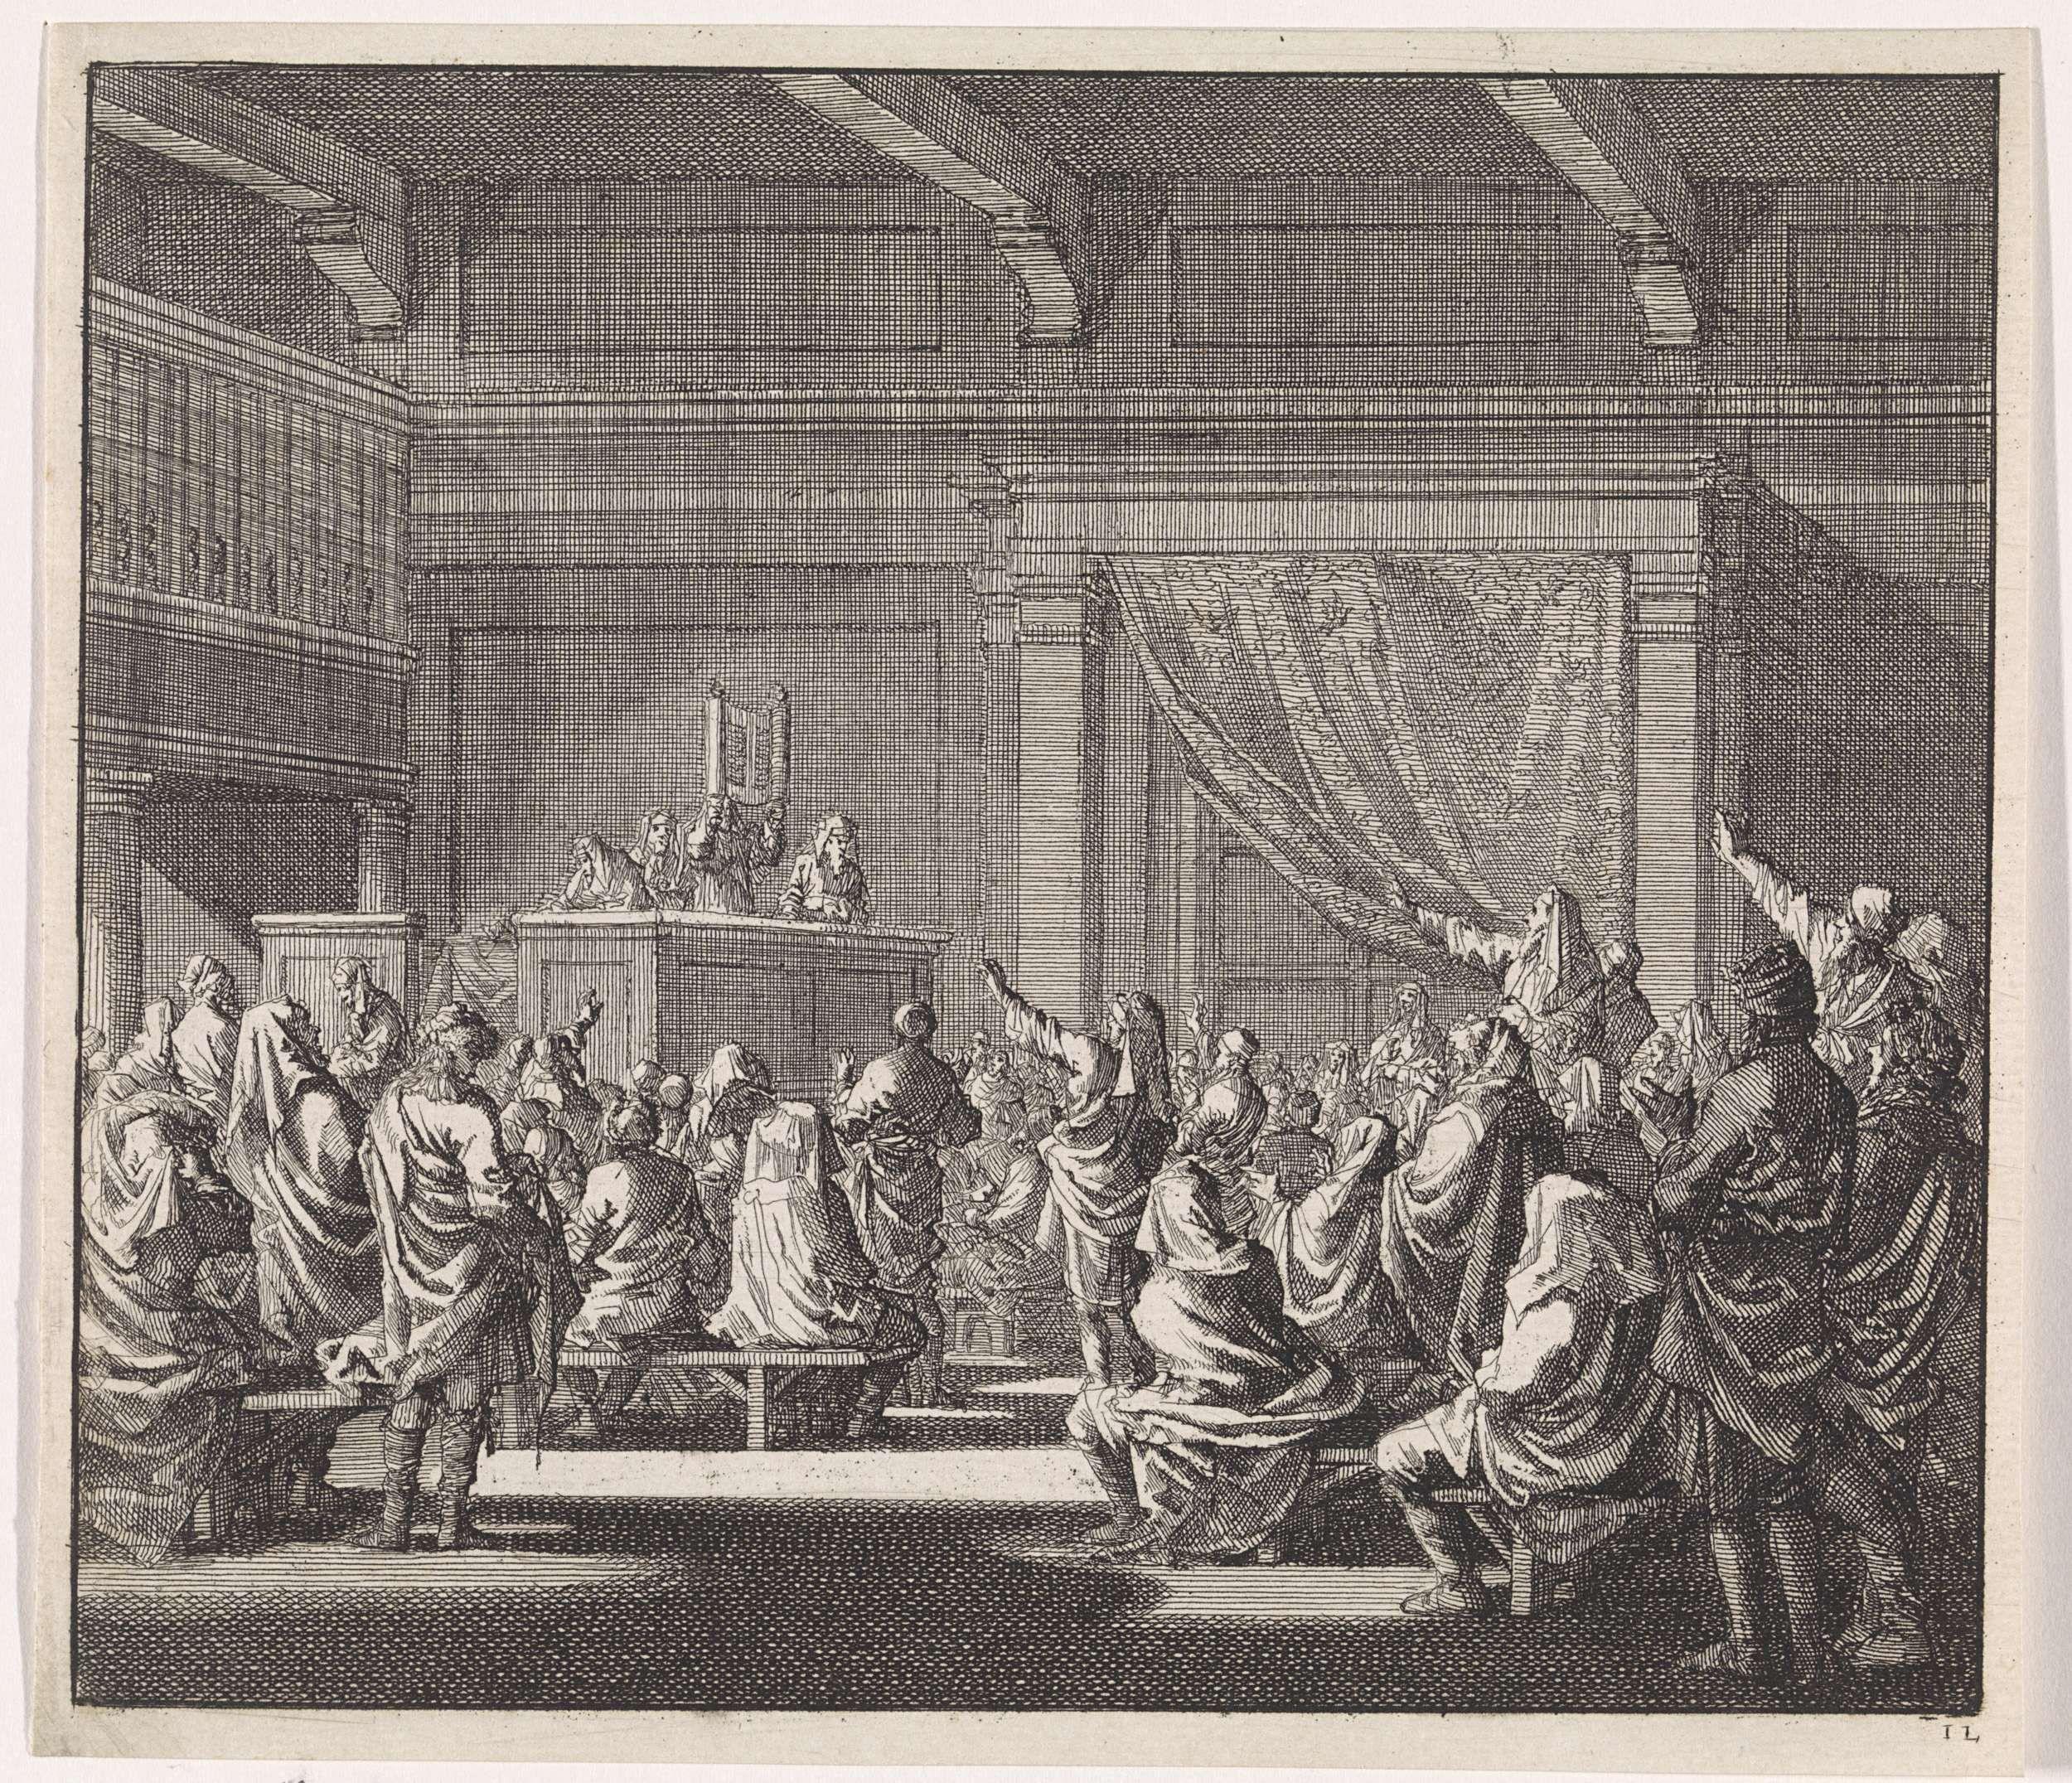 Jan Luyken | Synagoge waar een rabijn een wetrol voorleest, Jan Luyken, Daniel van den Dalen, Hendrik van Damme, 1702 | In een synagoge staat een rabijn op het spreekgestoelte (bima). Hij leest voor uit een wetrol van de Torah, die hij voor zich houdt. Enkele toehoorders houden hun rechterhand omhoog. Waarschijnlijk het Joodse feest Simchat Torah (Vreugde van de Wet).